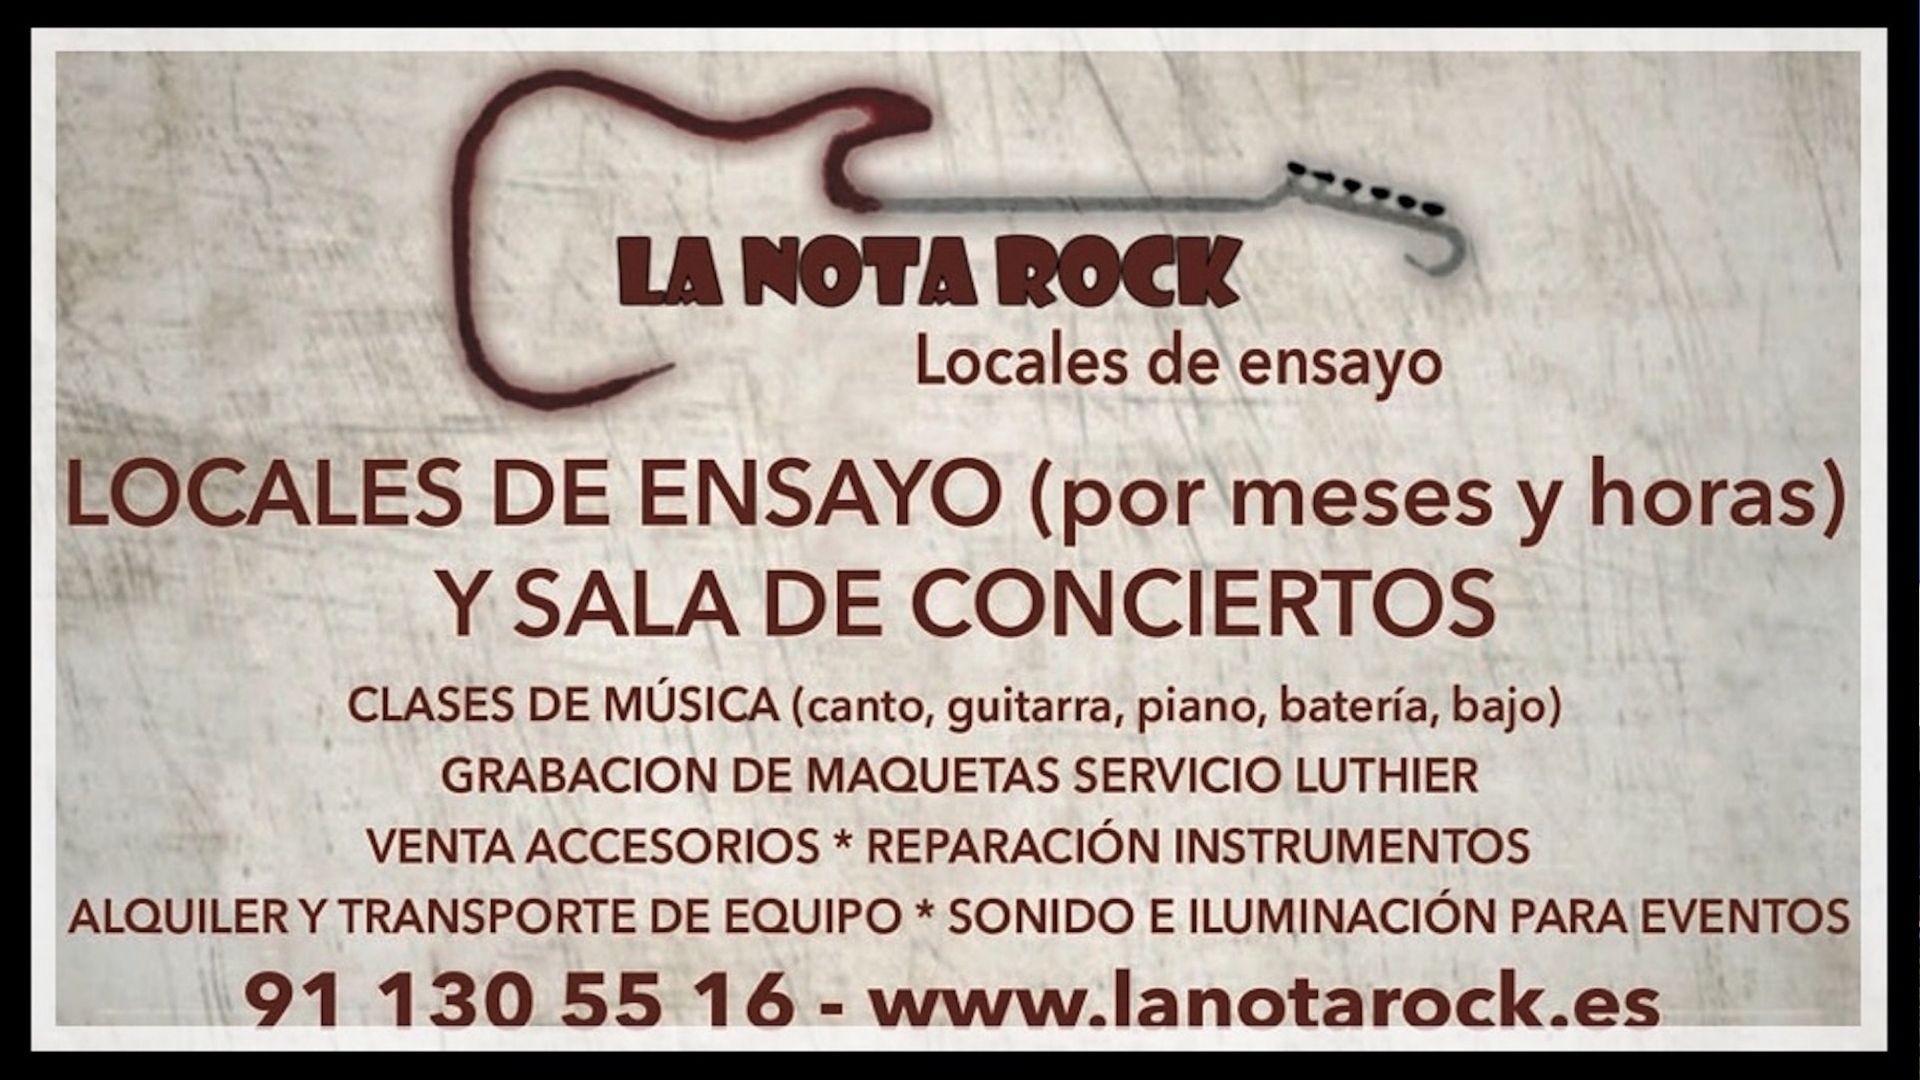 Locales de ensayo La Nota Rock